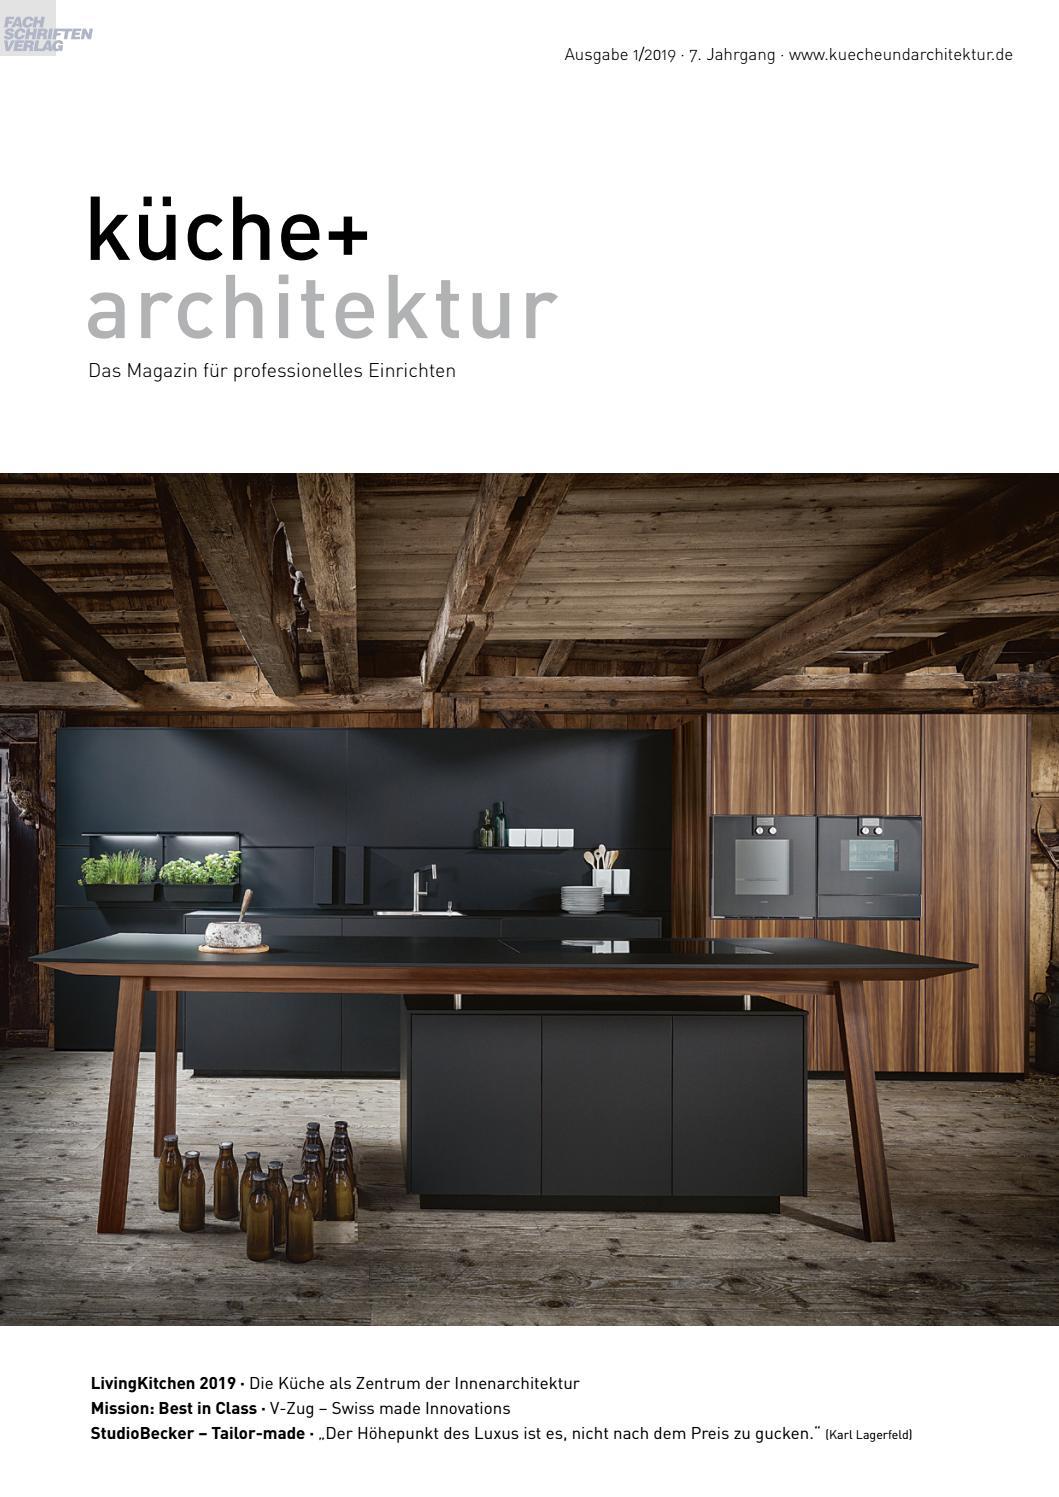 Kuche Architektur 1 2019 By Fachschriften Verlag Issuu